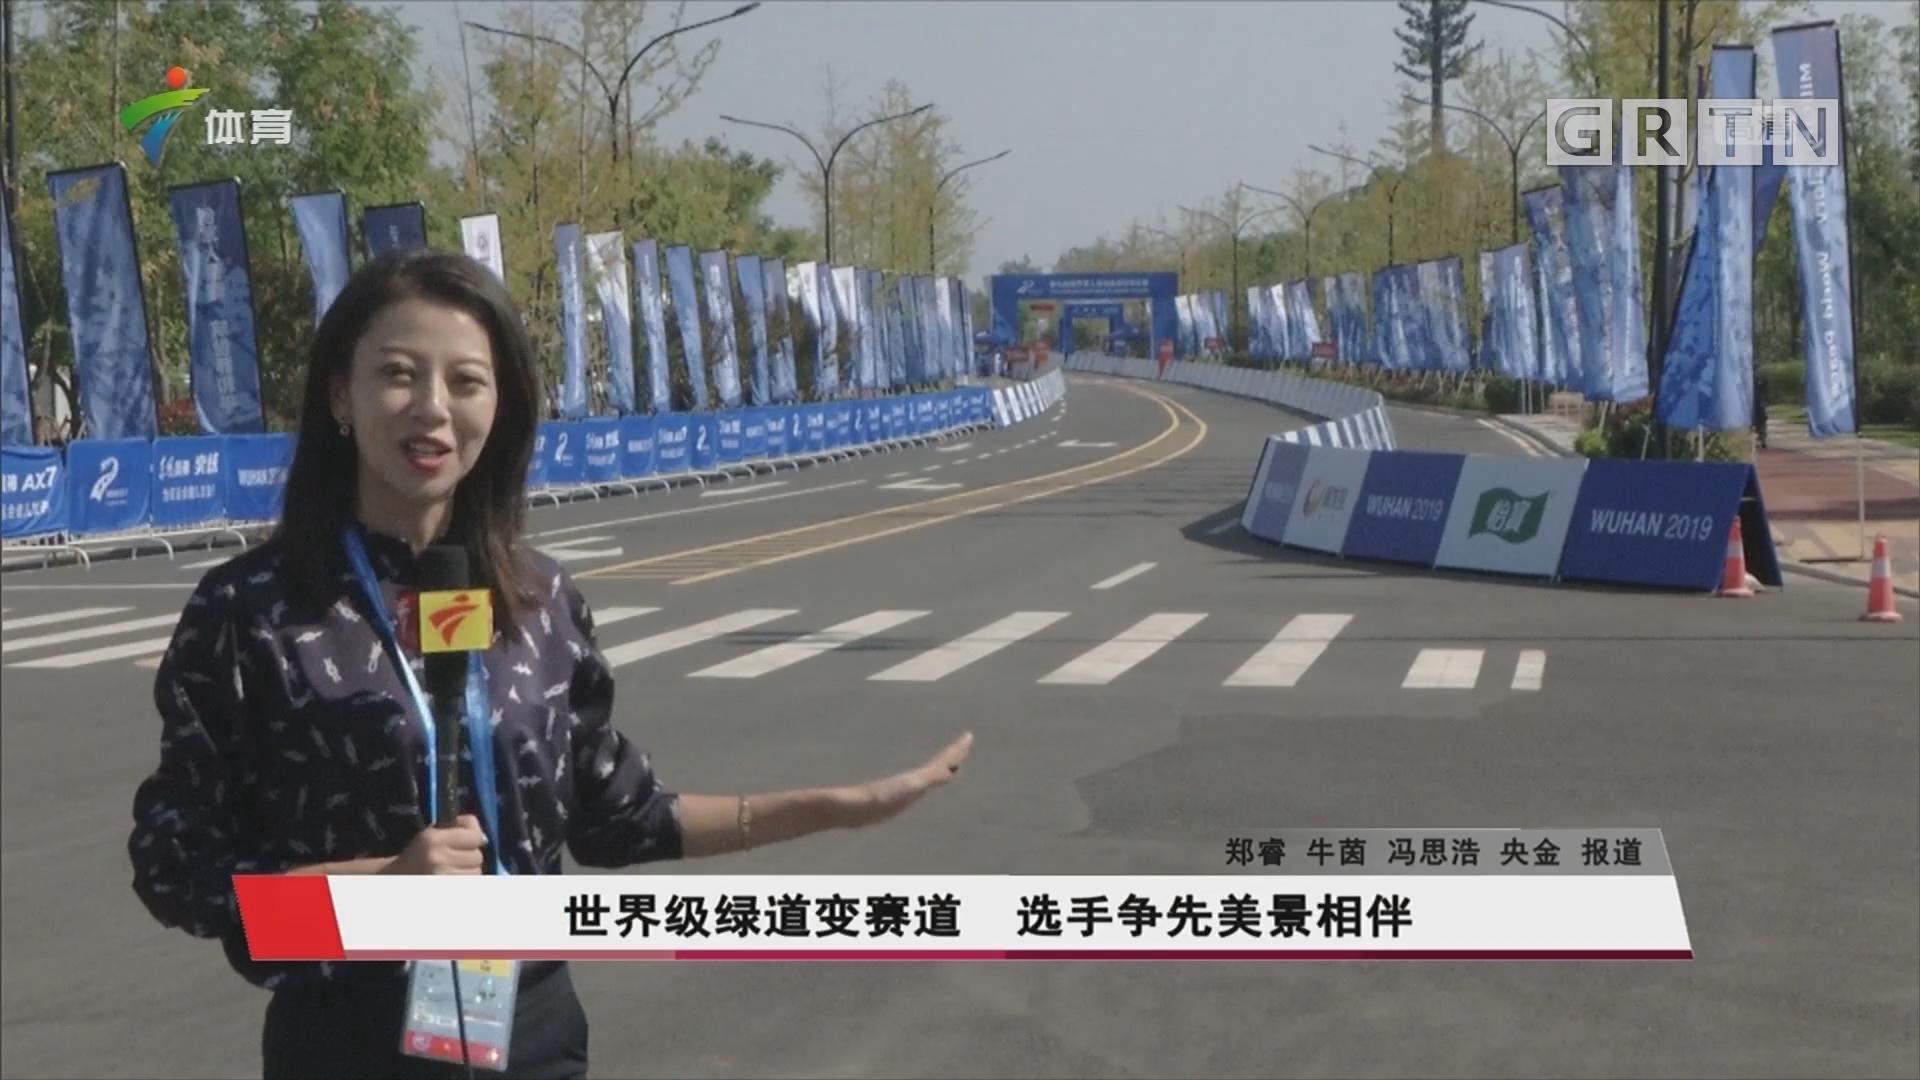 世界级绿道变赛道 选手争先美景相伴